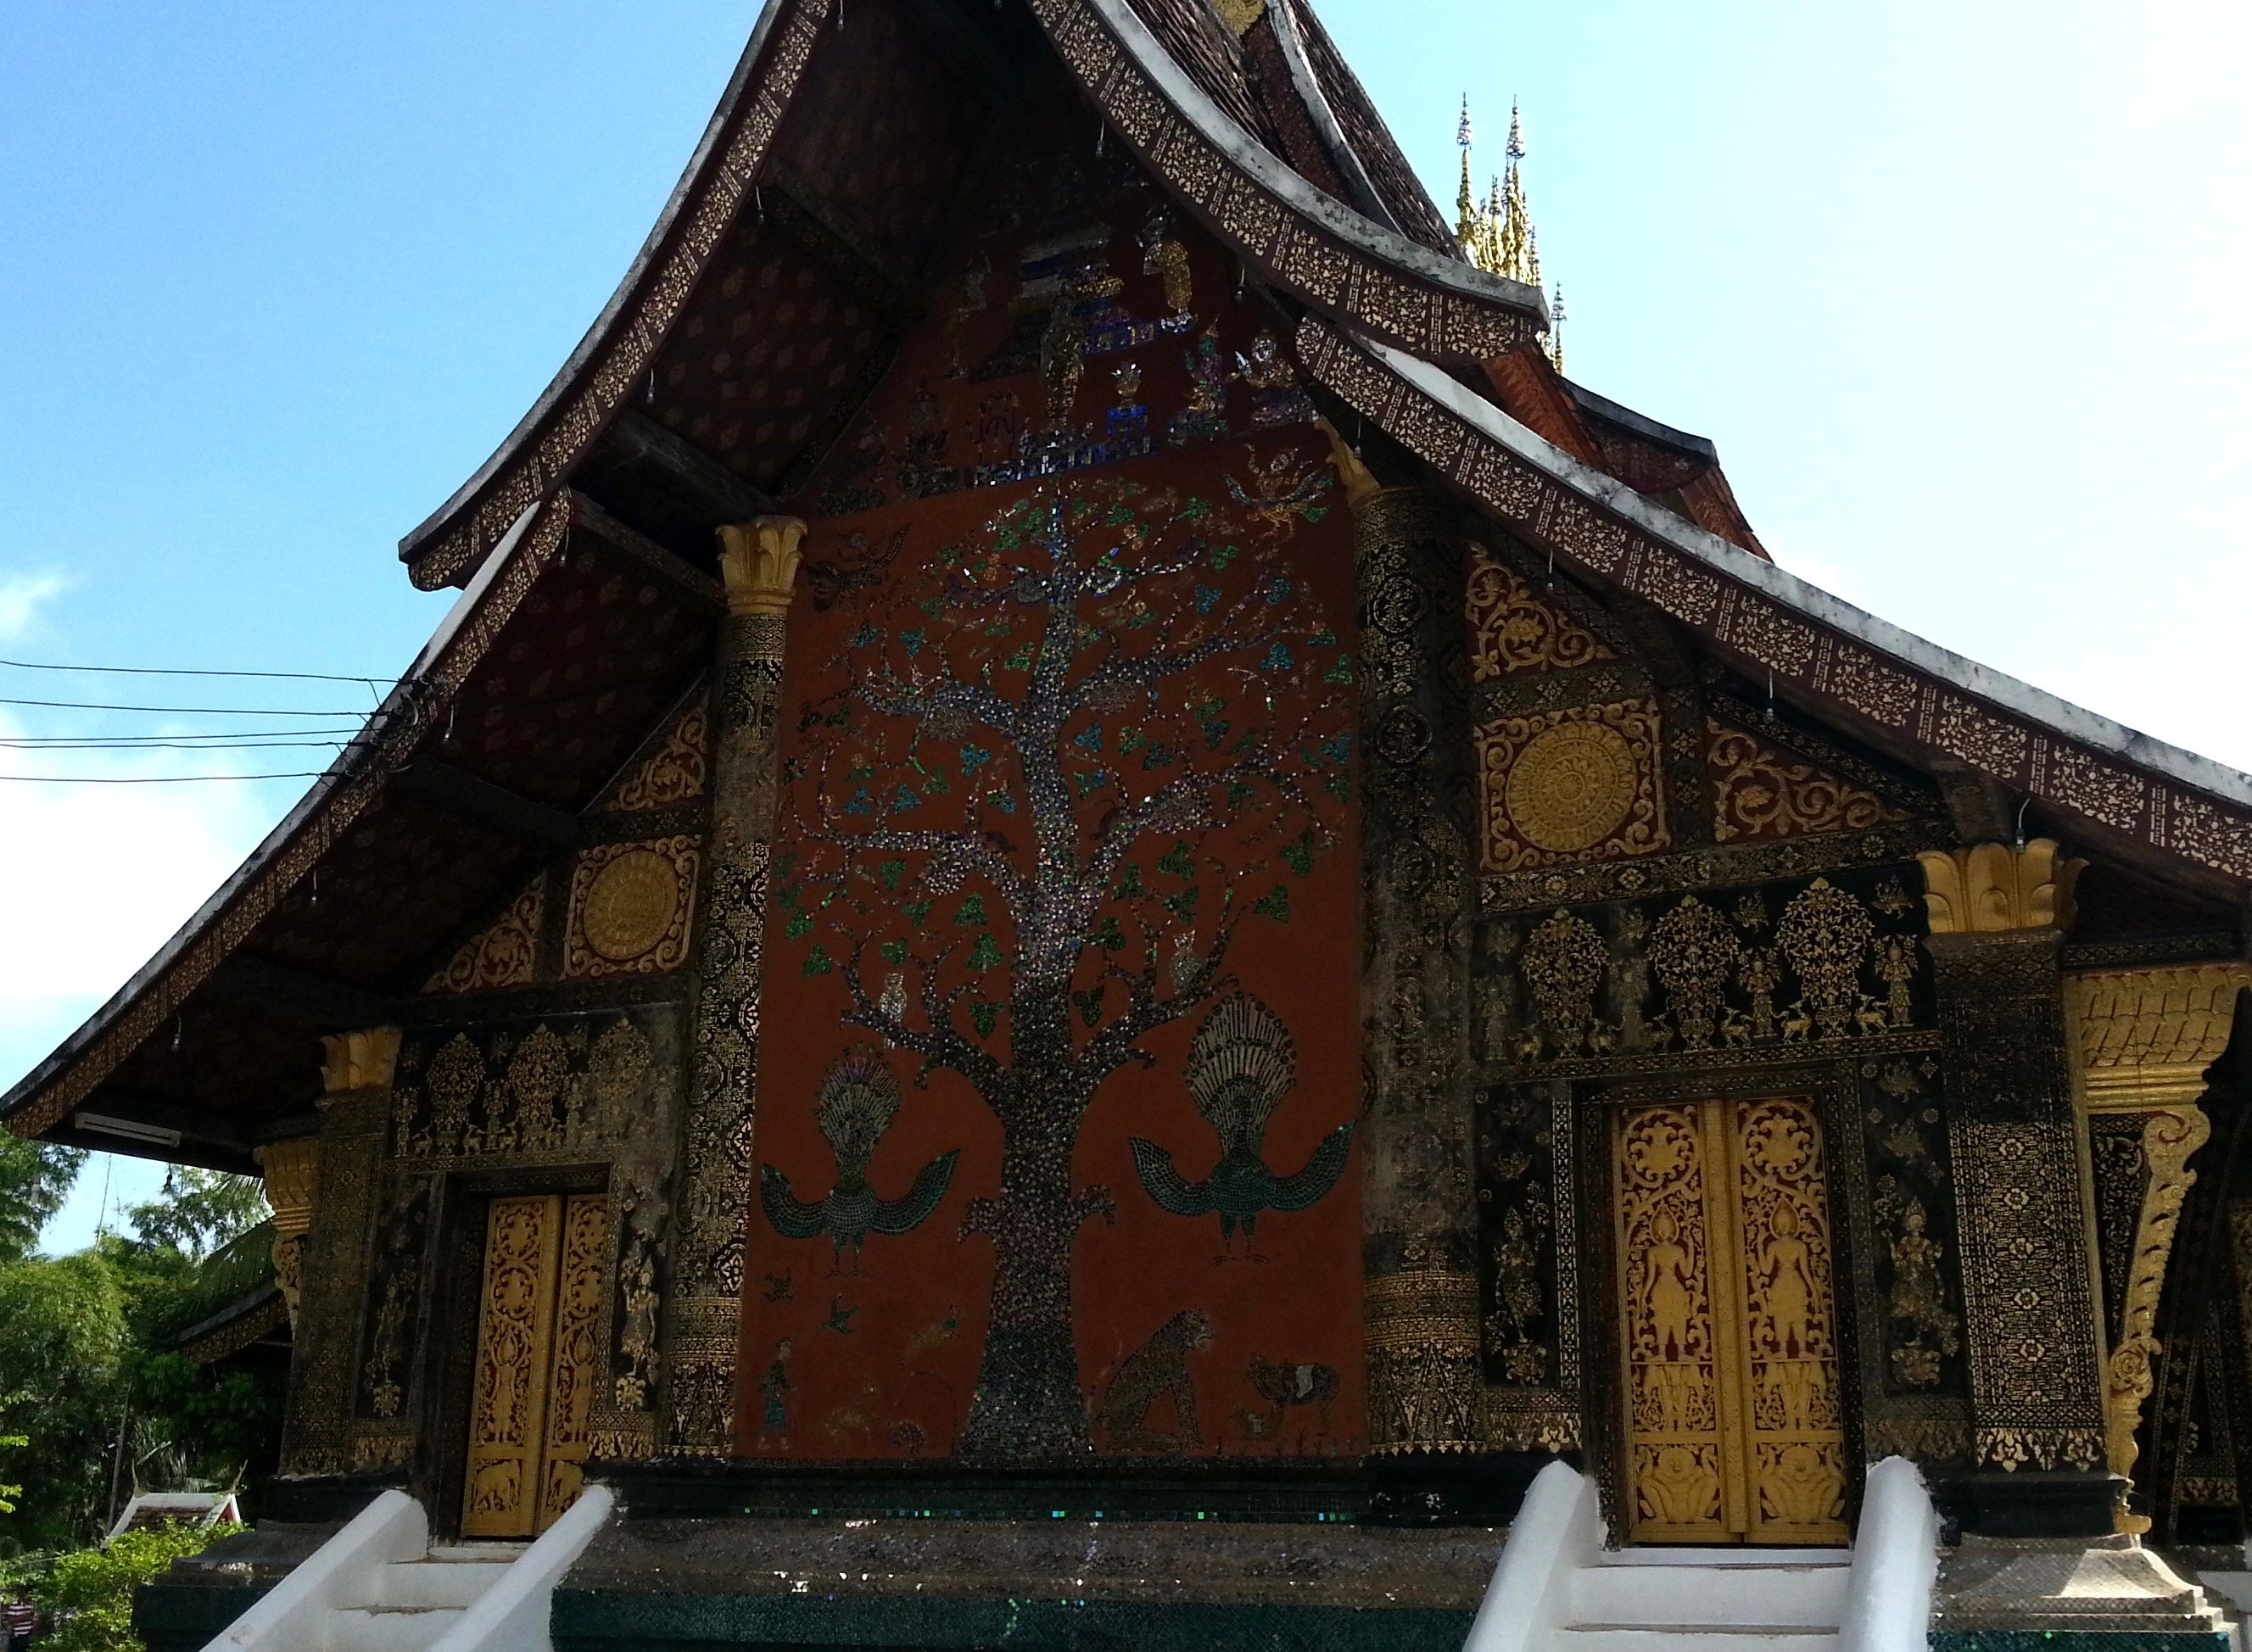 Tree of life mural at Wat Xieng Thong